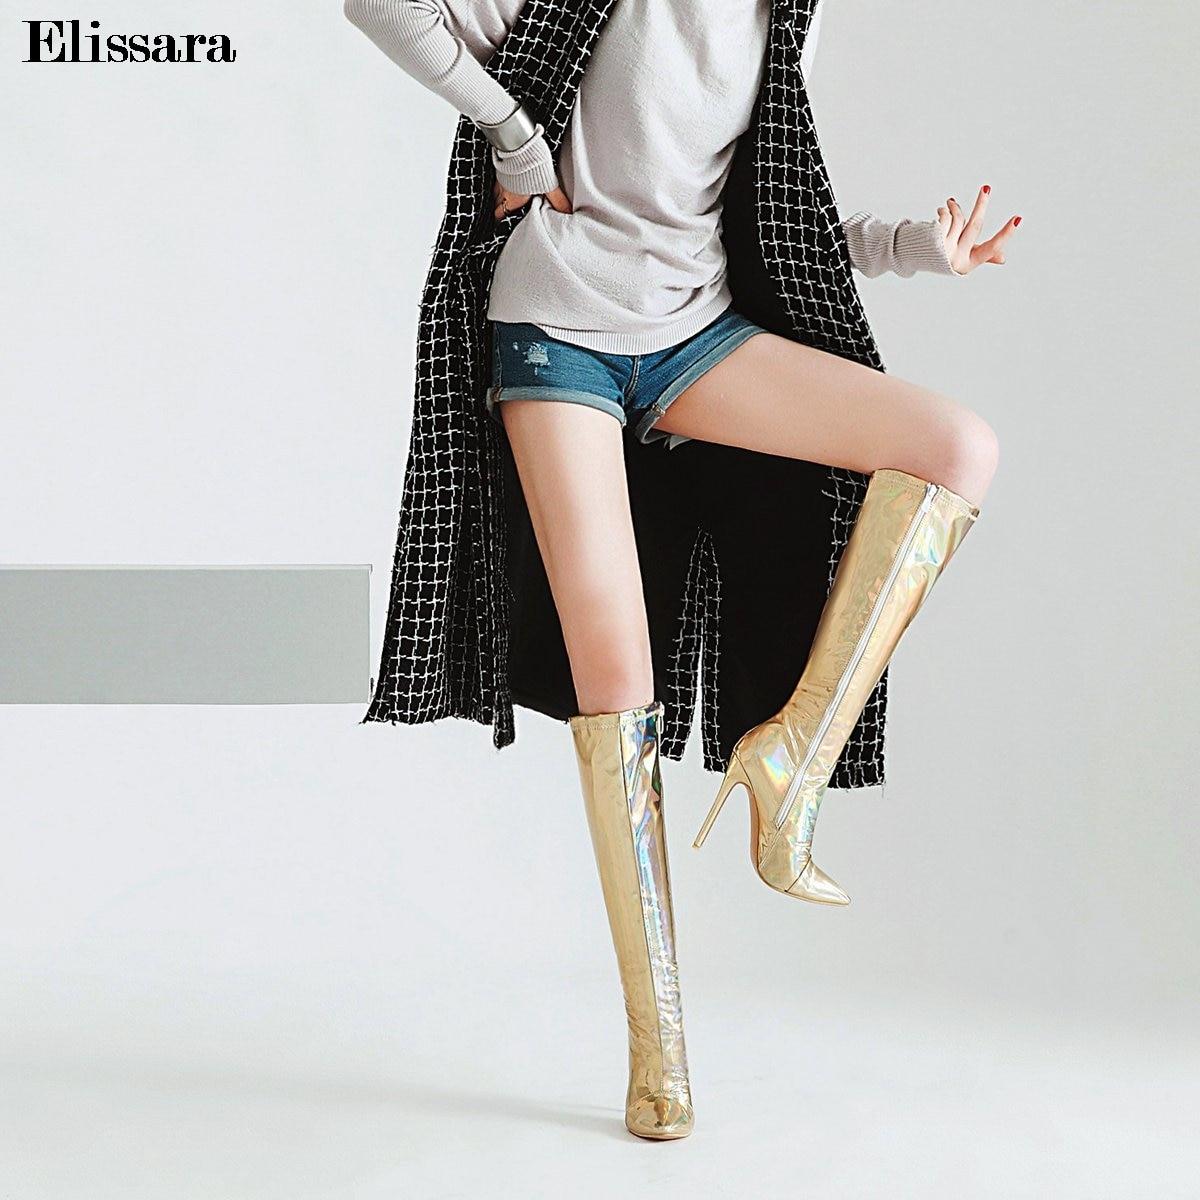 Elissara Progressif Longues 3347 Talons argent Couleur Taille Chaussures Des Or Hauts Haute Discothèque Changement Bottes Femmes Zip Hiver Genou Femme nOmN8w0v